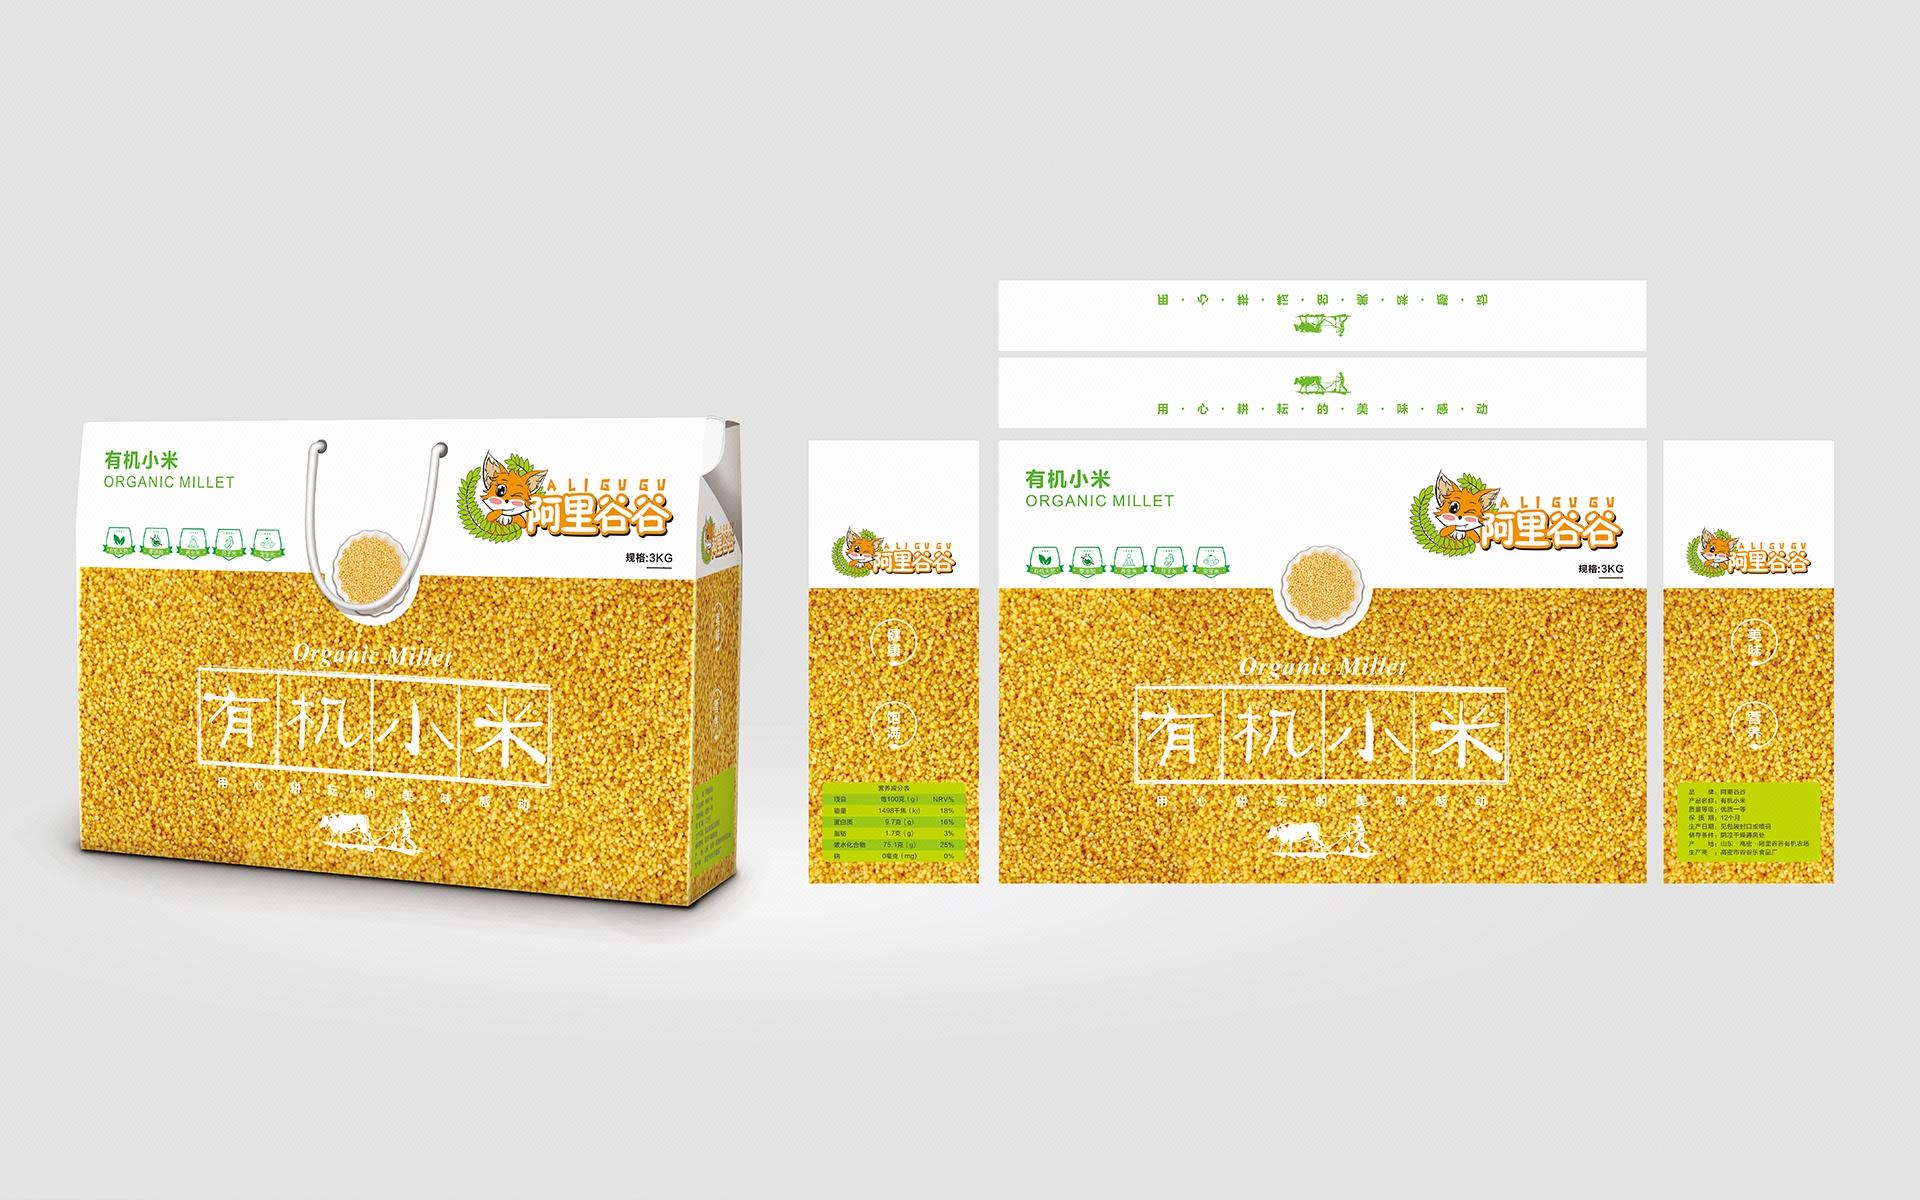 产品包装设计化妆品包装盒设计食品包装袋设计不干胶瓶贴礼盒设计